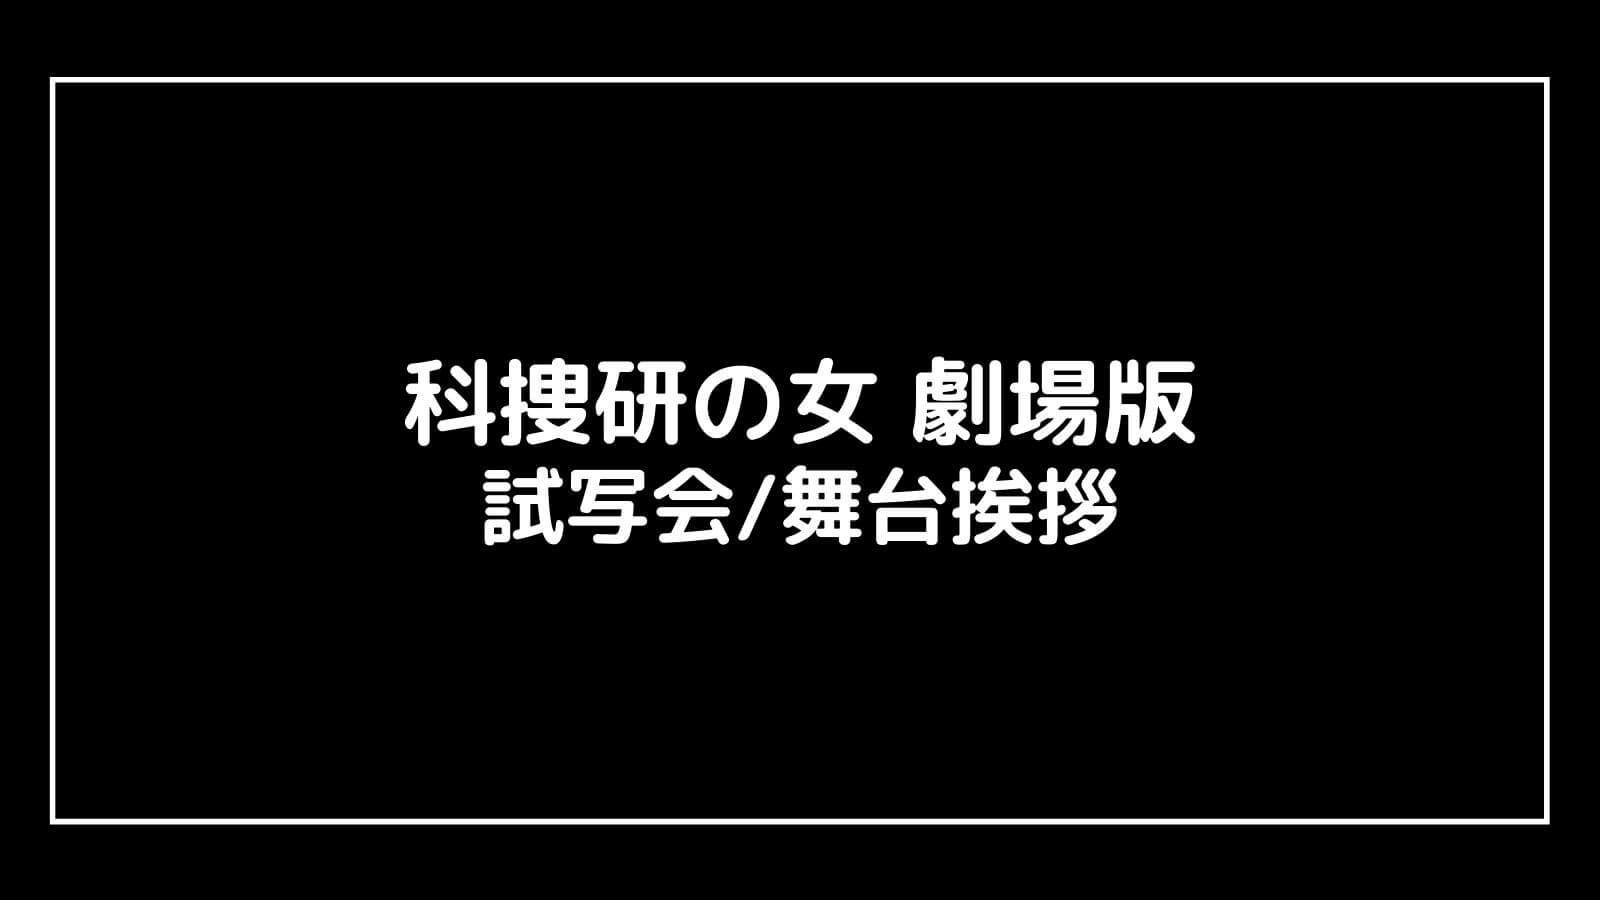 映画『科捜研の女 劇場版』の試写会と舞台挨拶ライブビューイング情報